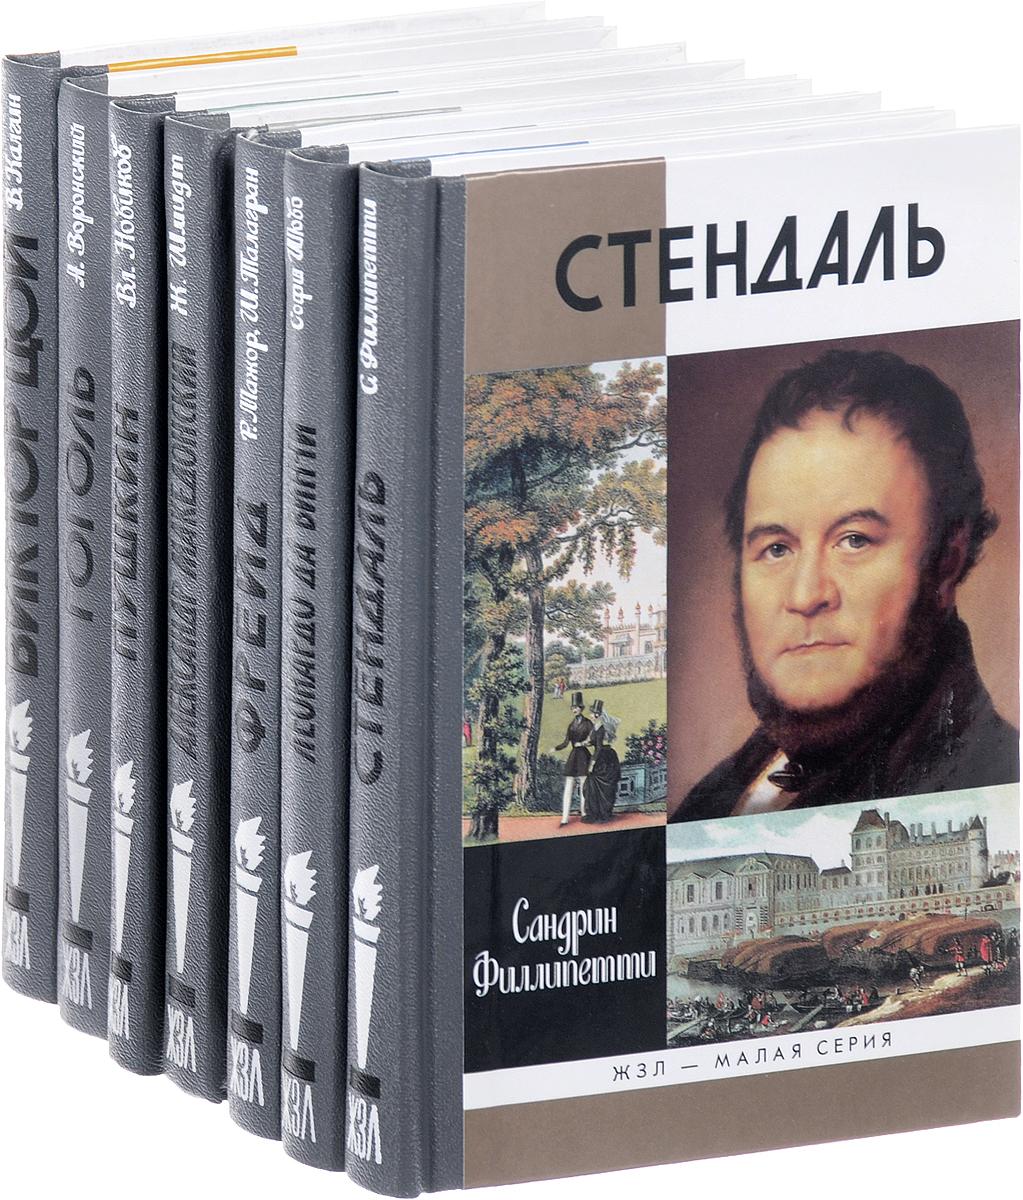 Жизнь замечательных людей - малая серия (комплект из 7 книг) жизнь замечательных людей малая серия комплект из 7 книг